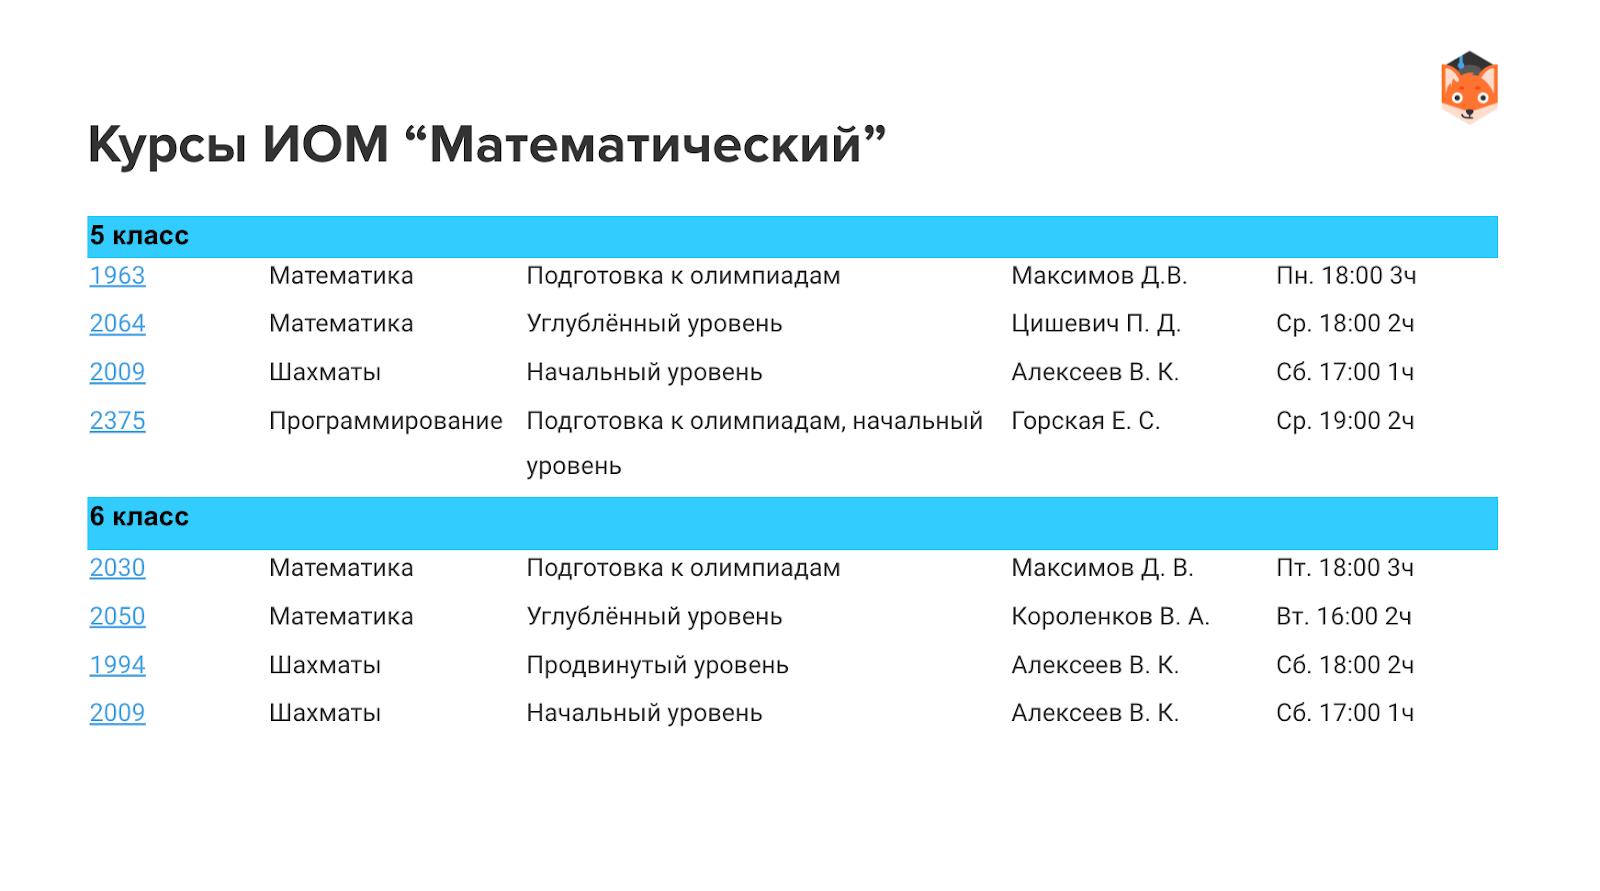 Математический образовательный маршрут